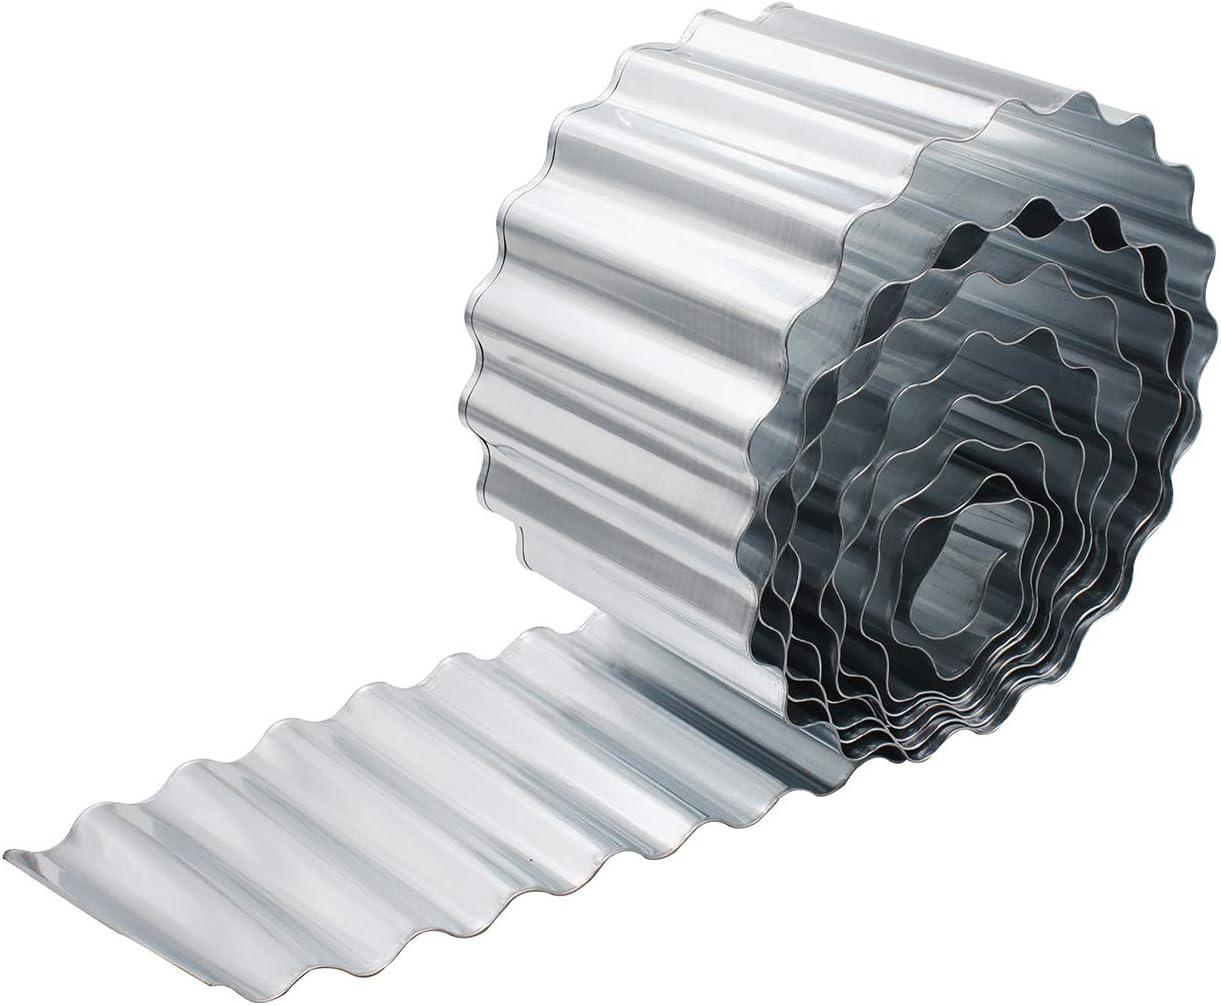 Metal Garden Plug welcome Bed Connector Gartendeko White Distressed Look